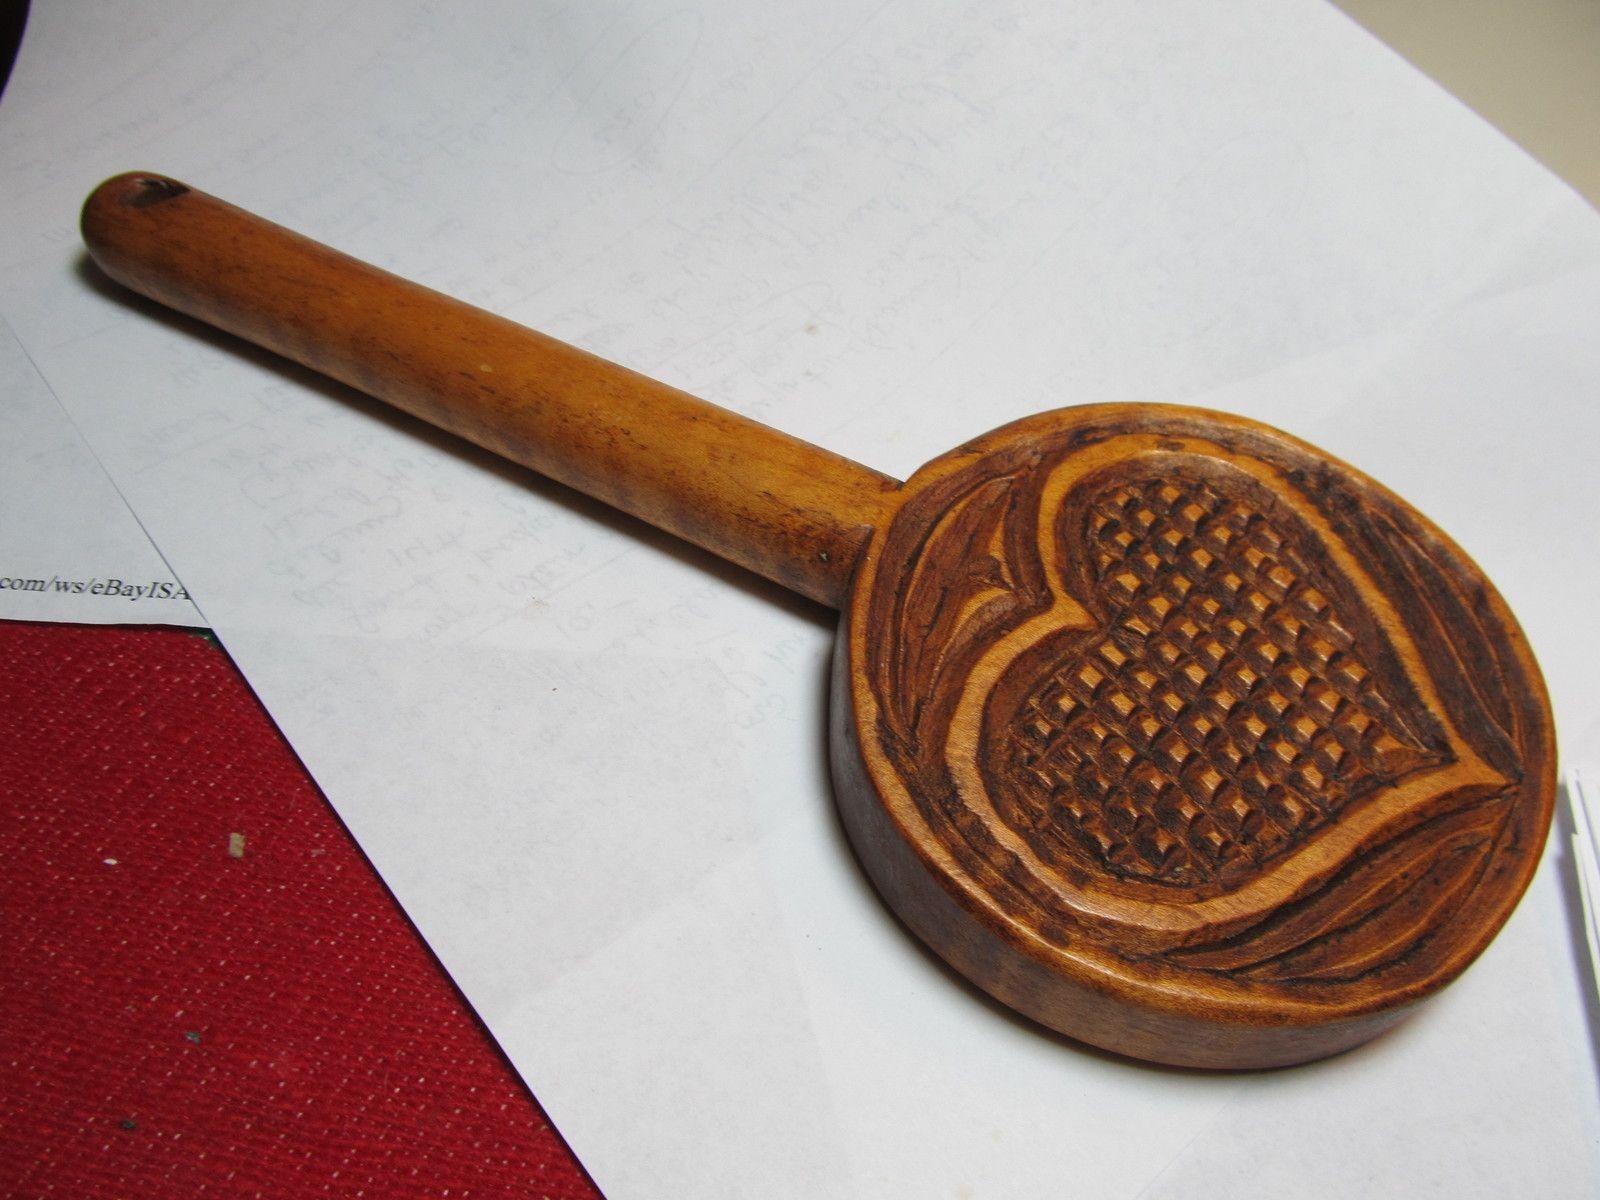 Antique Vintage Butter Mold Press Print Stamp Lollipop Heart Primitive | eBay  sold  225.00